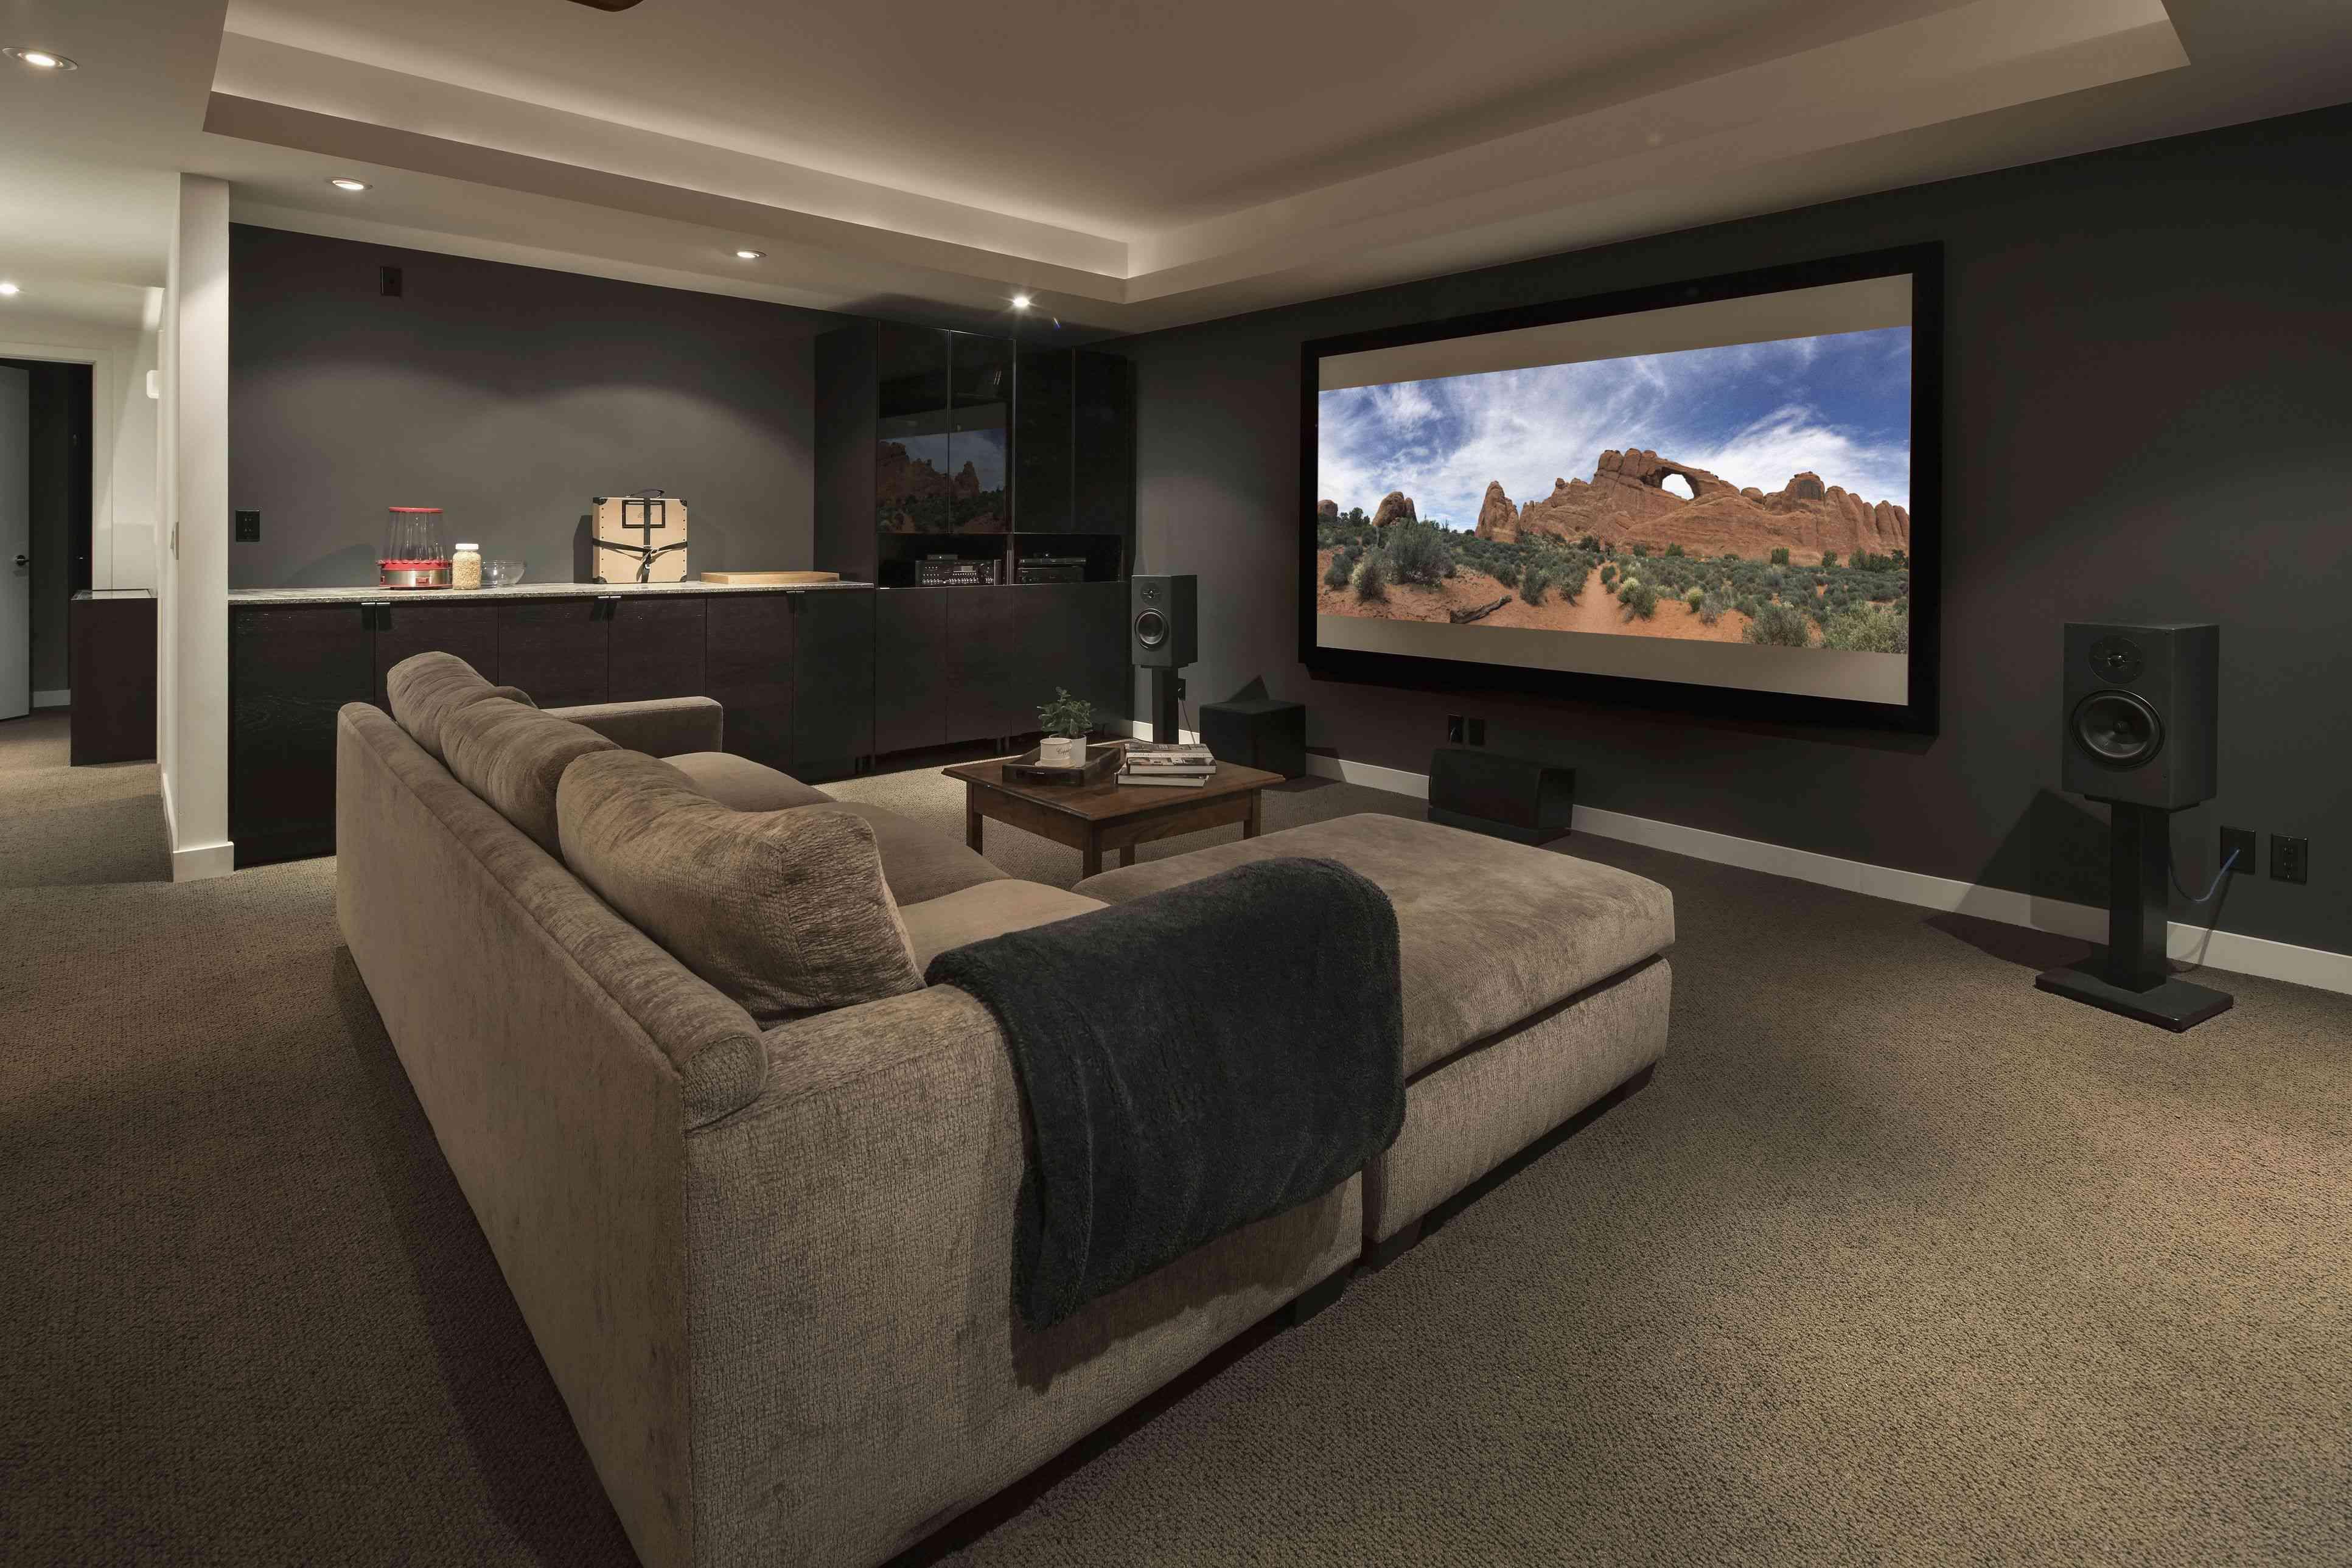 Cinéma maison automatisé pour jouer Disney Night.